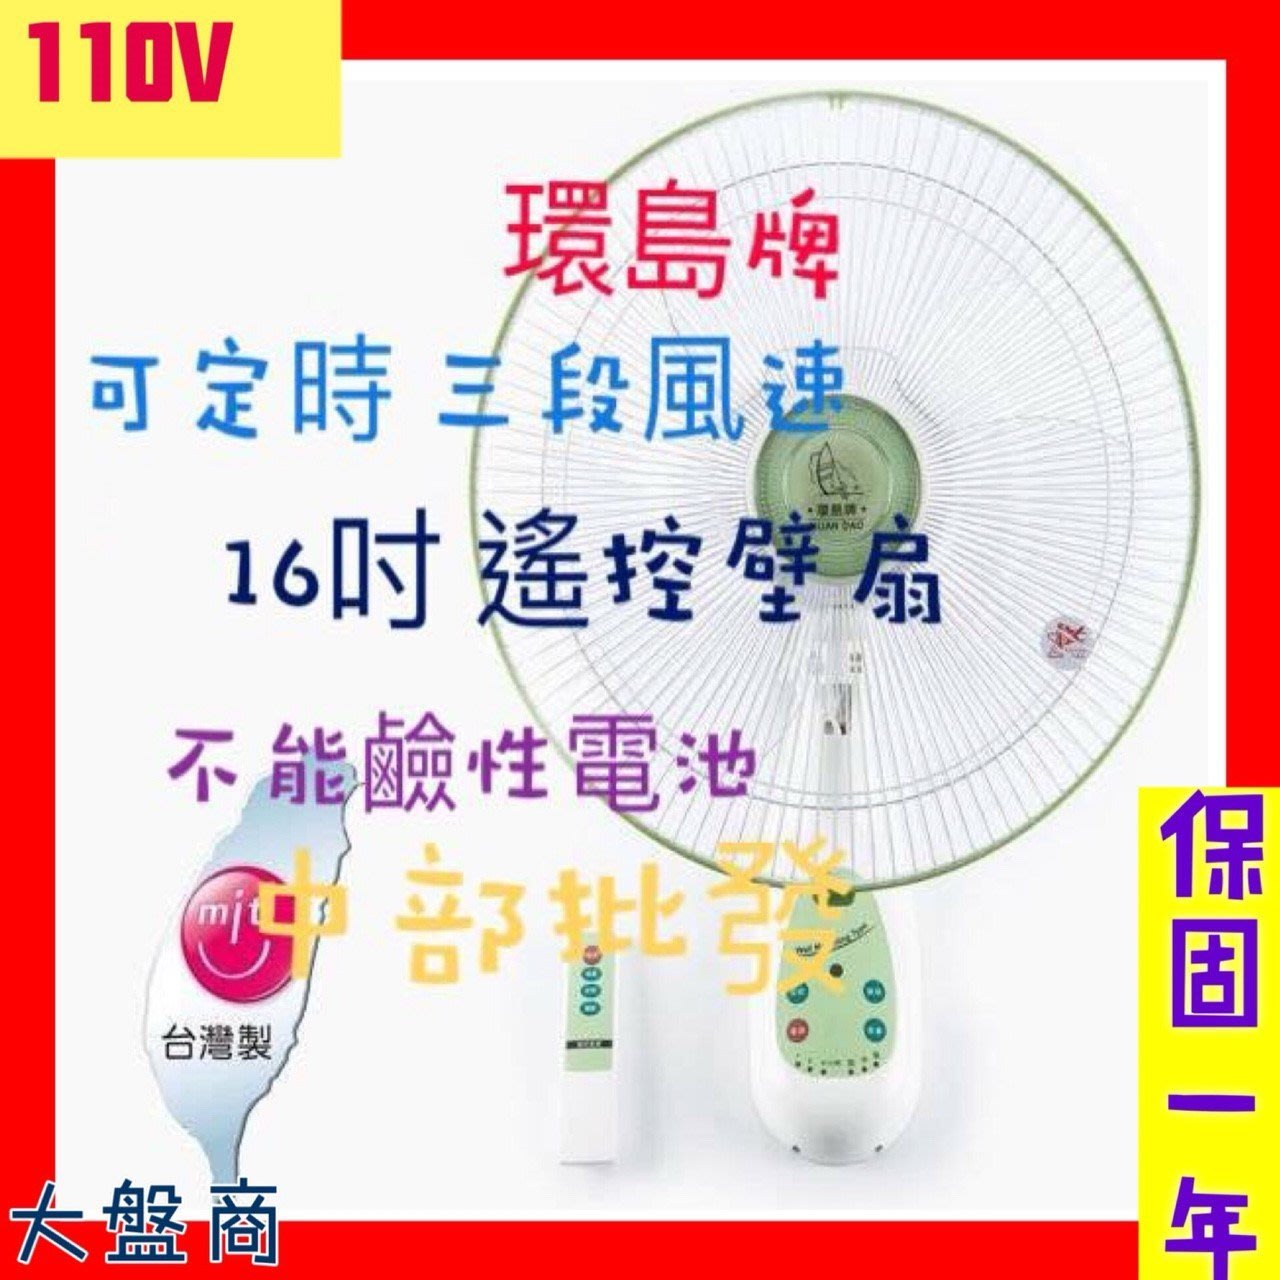 『超優惠』優佳麗 HY-3016R 16吋 遙控壁扇 掛壁扇 太空扇 壁式通風扇 電風扇 壁掛扇 家用電扇(台灣製造)